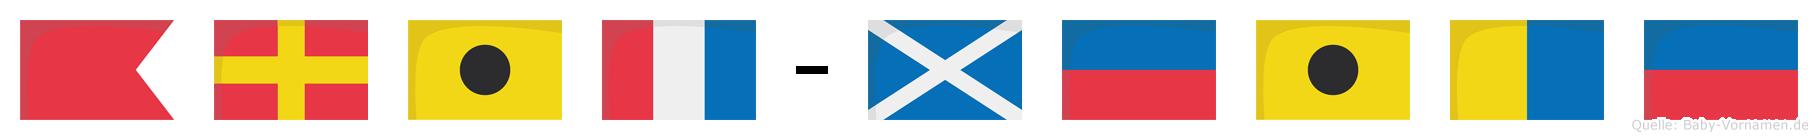 Brit-Meike im Flaggenalphabet